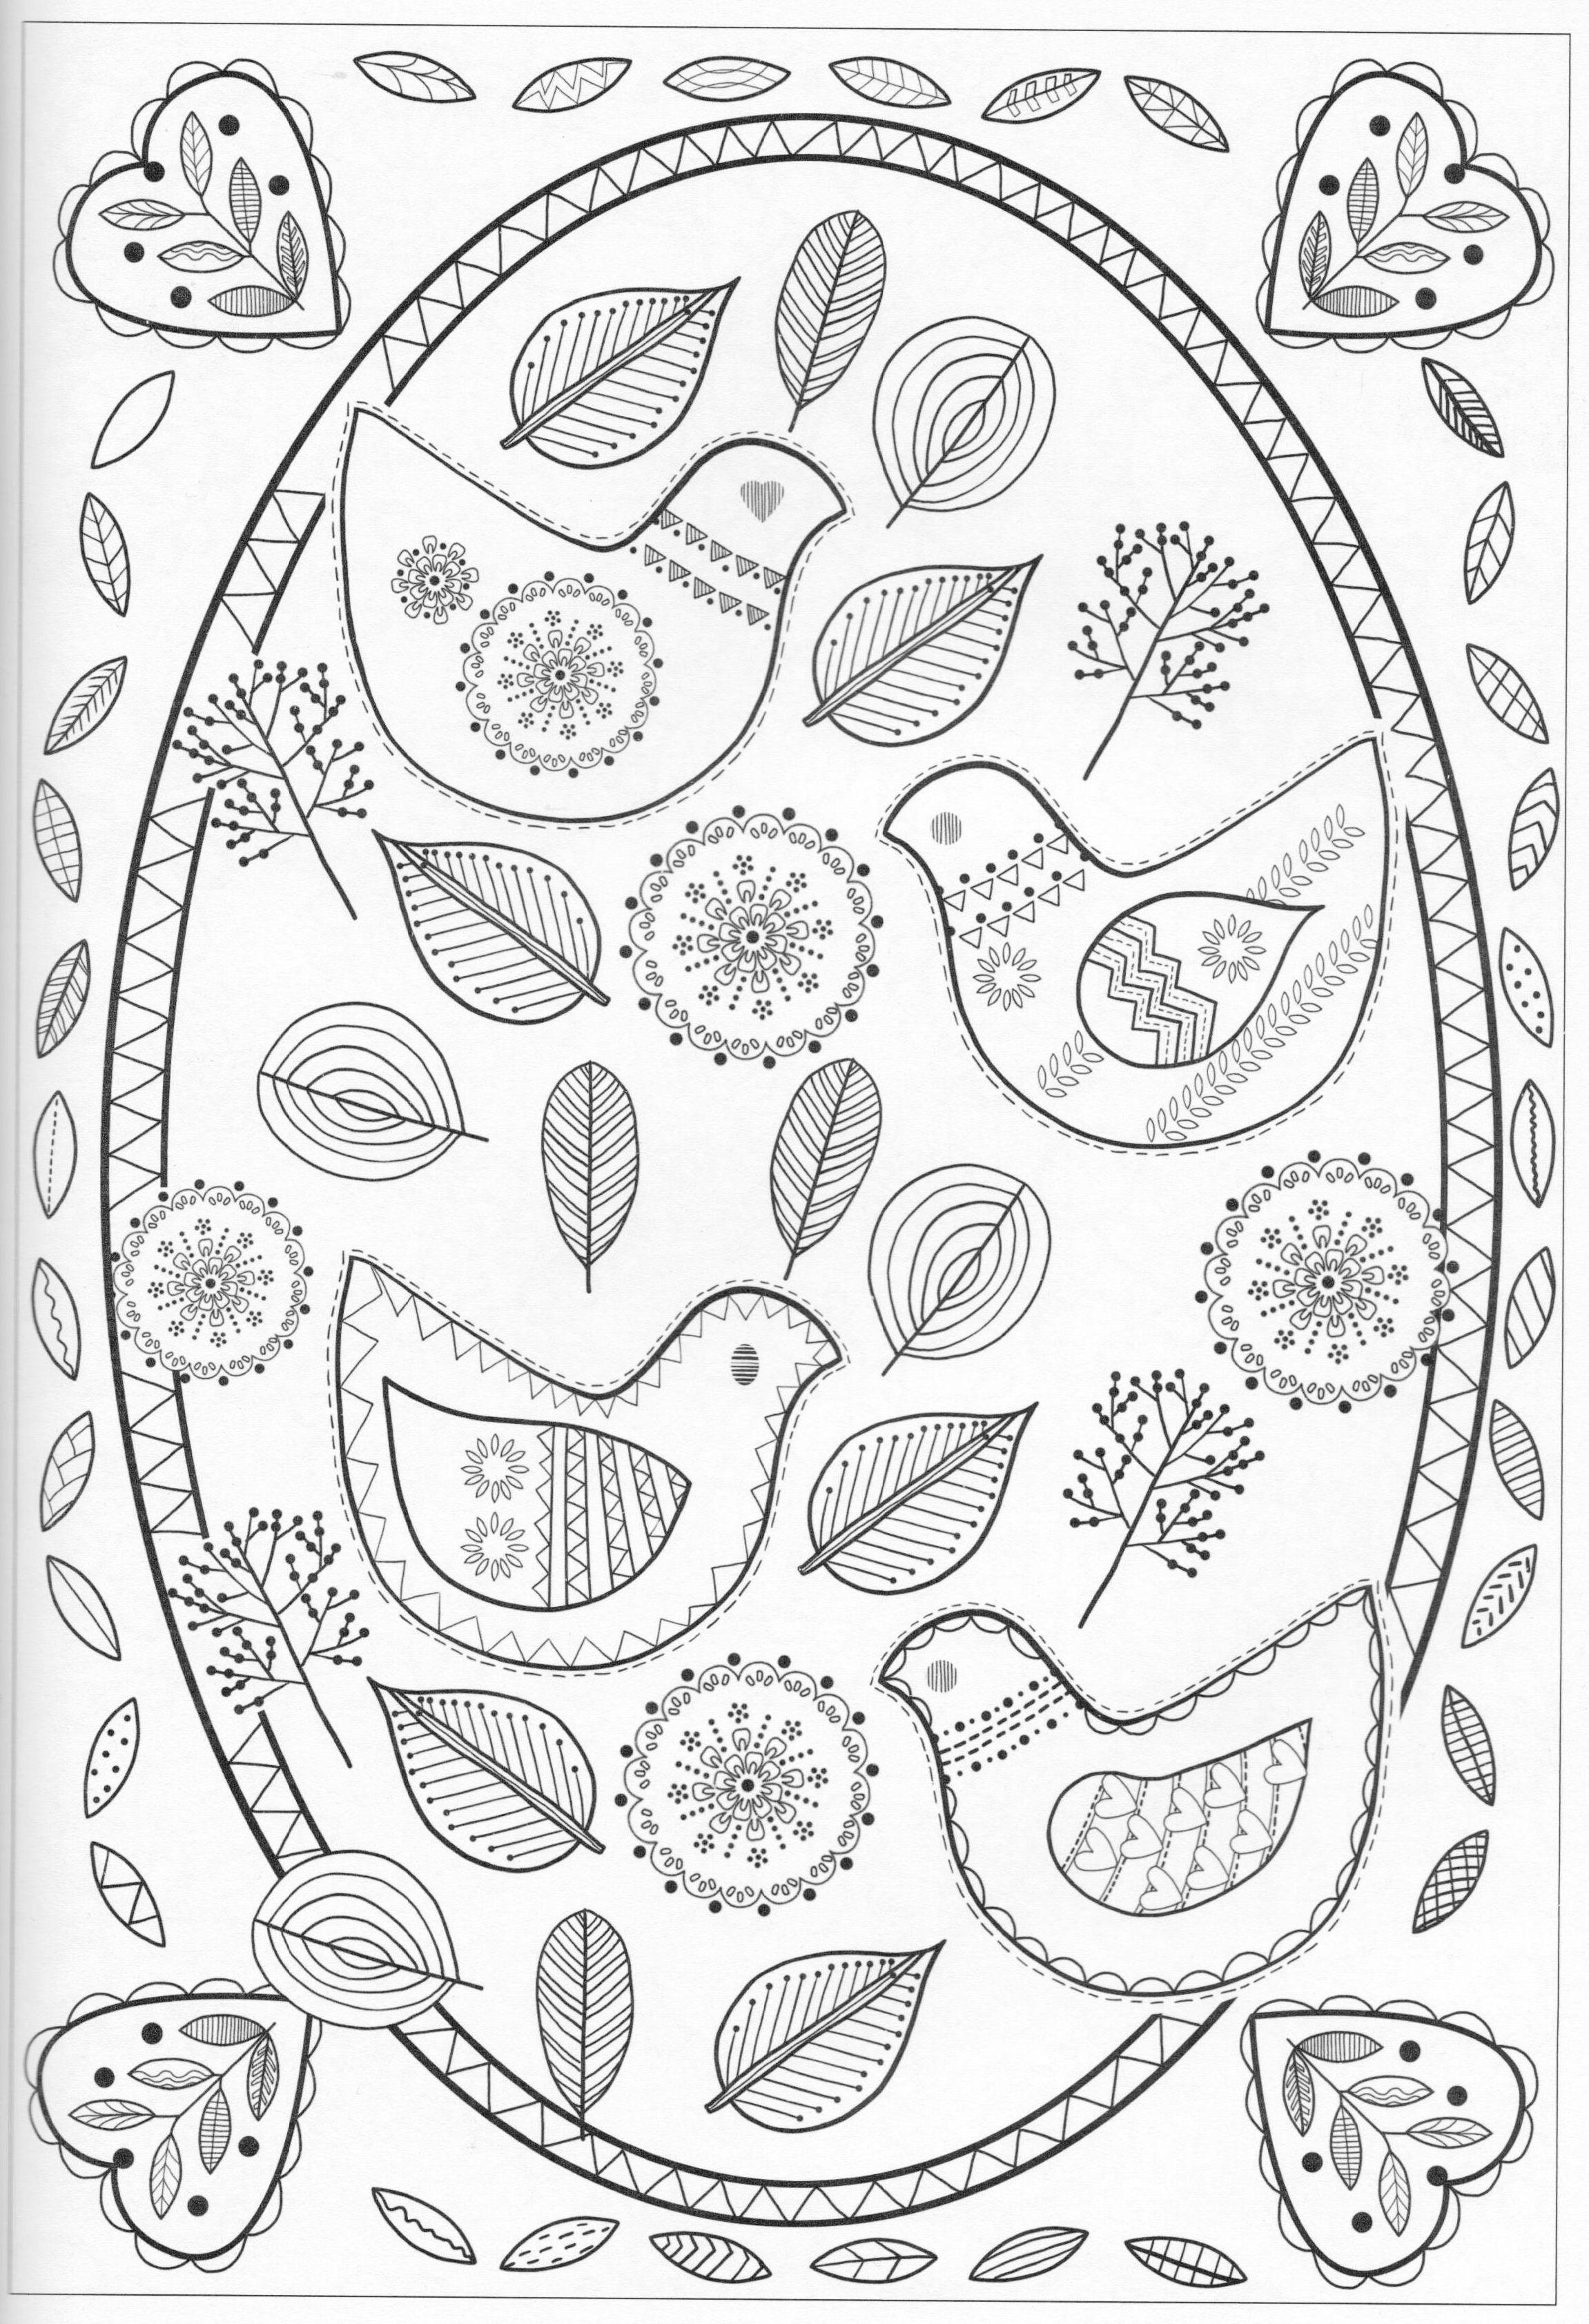 Herz Mandalas Zum Ausmalen Genial 40 Mandala Ausmalbilder Scoredatscore Elegant Ausmalbilder Galerie